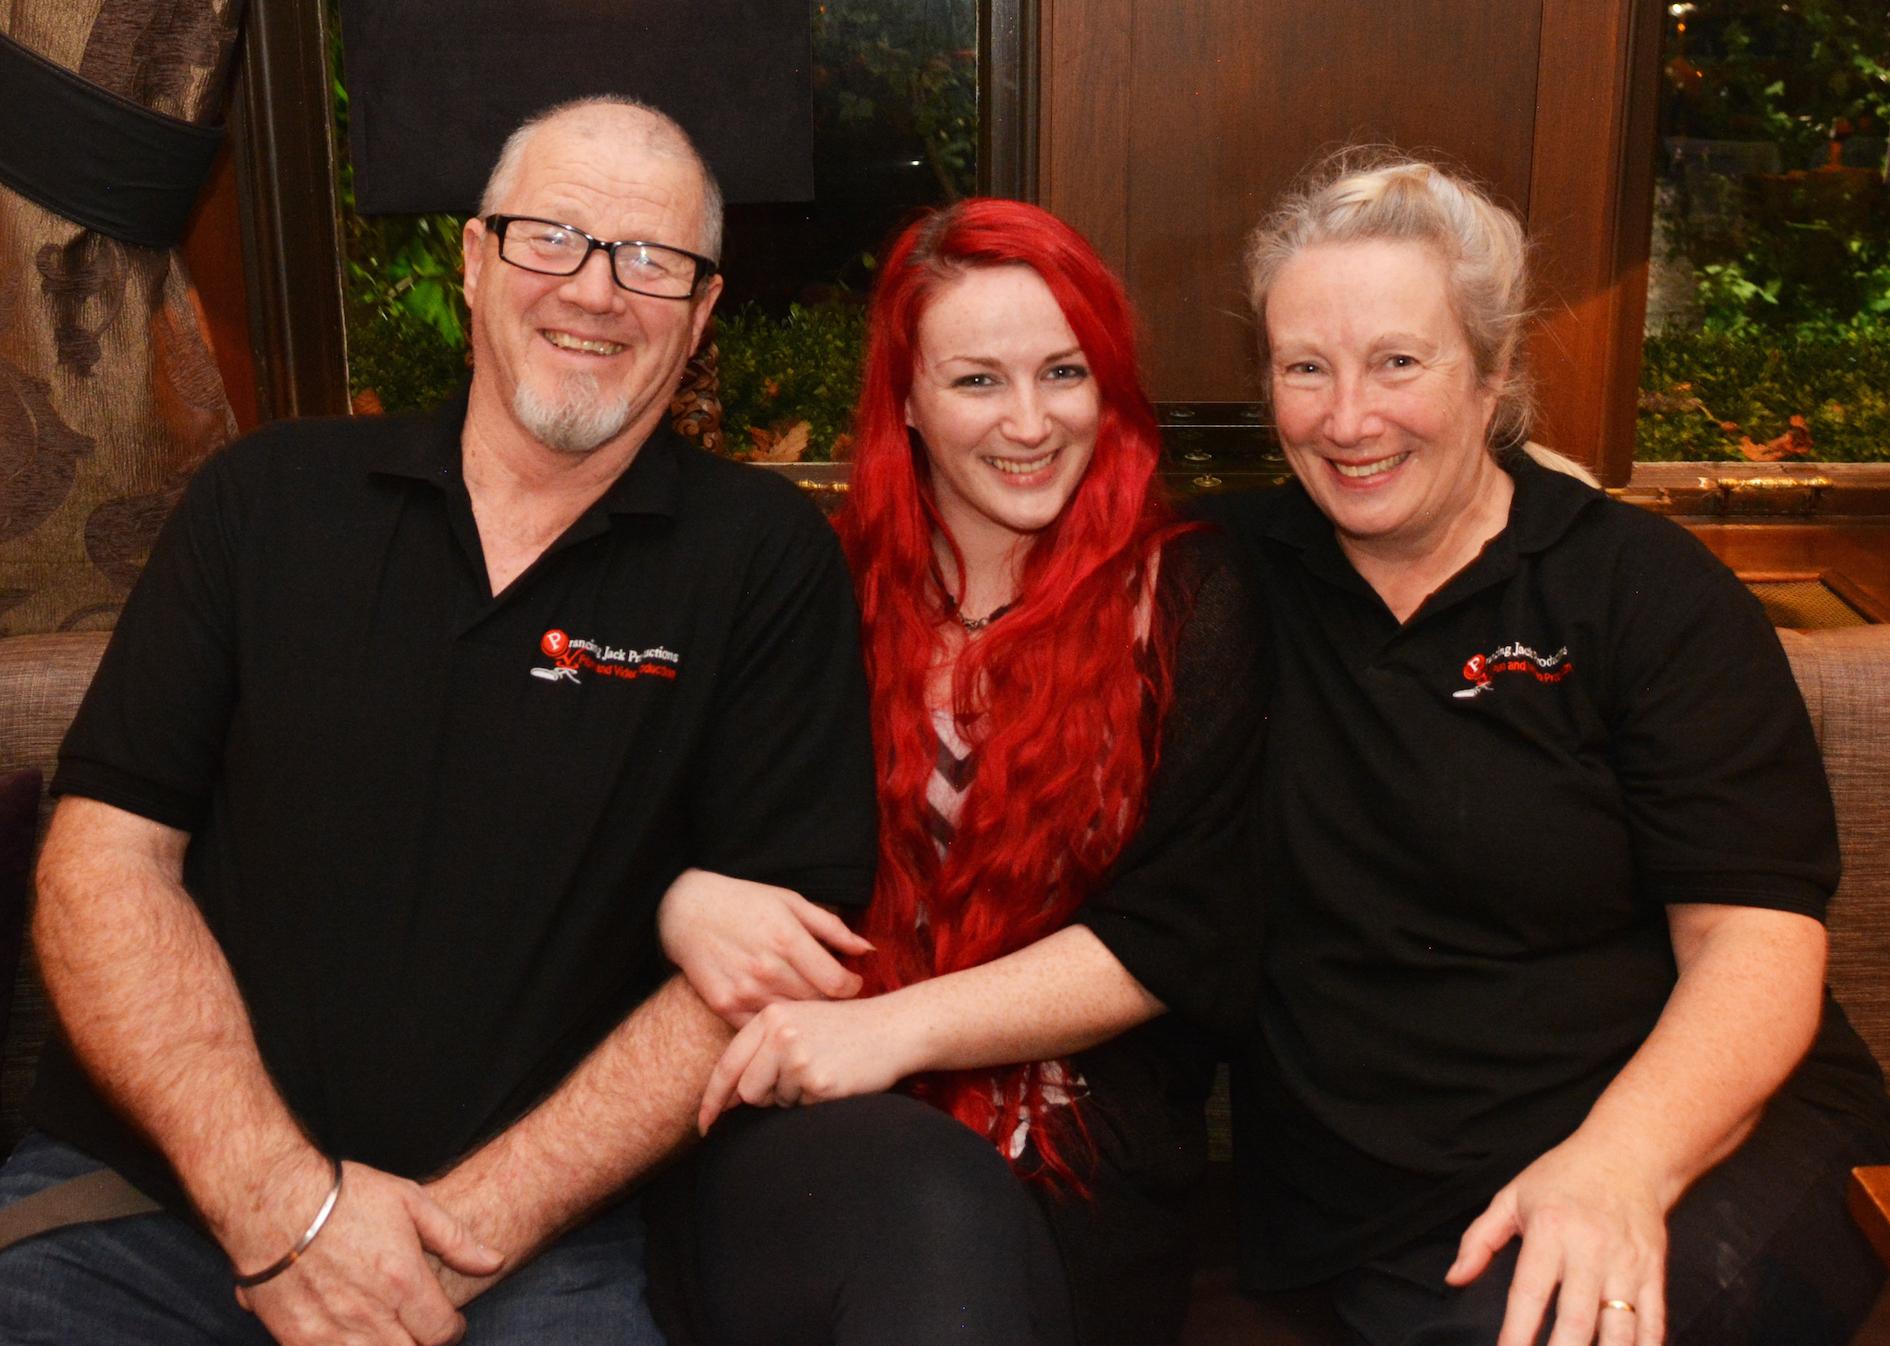 Jackson, Emma & Eileen - #teamPJP